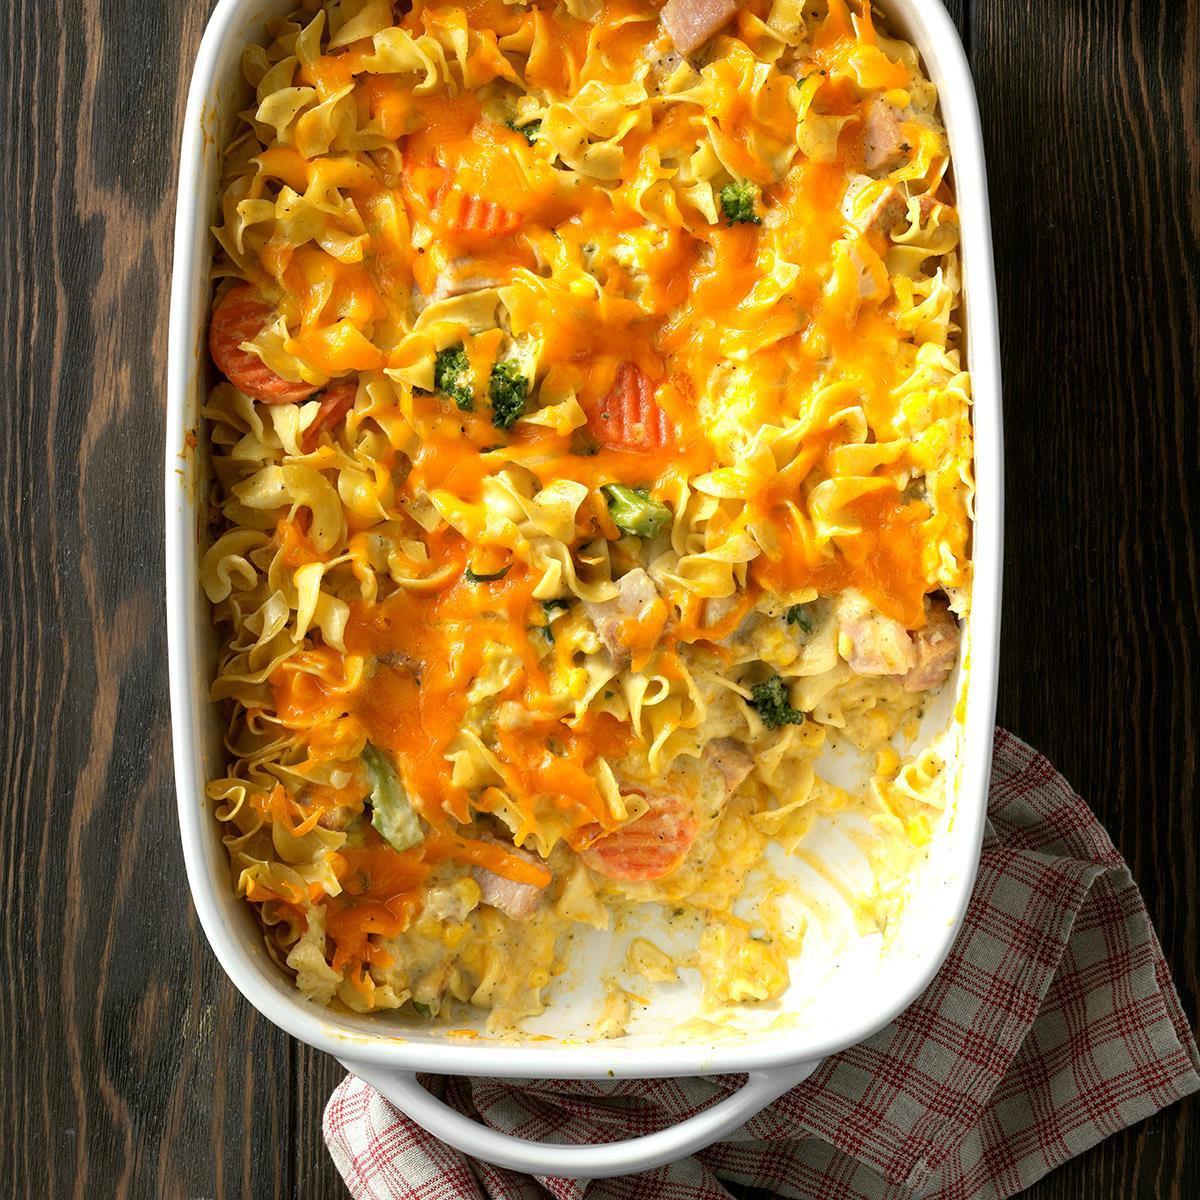 Egg Noodle Casserole Recipes Vegetarian  Veggie Noodle Ham Casserole Recipe